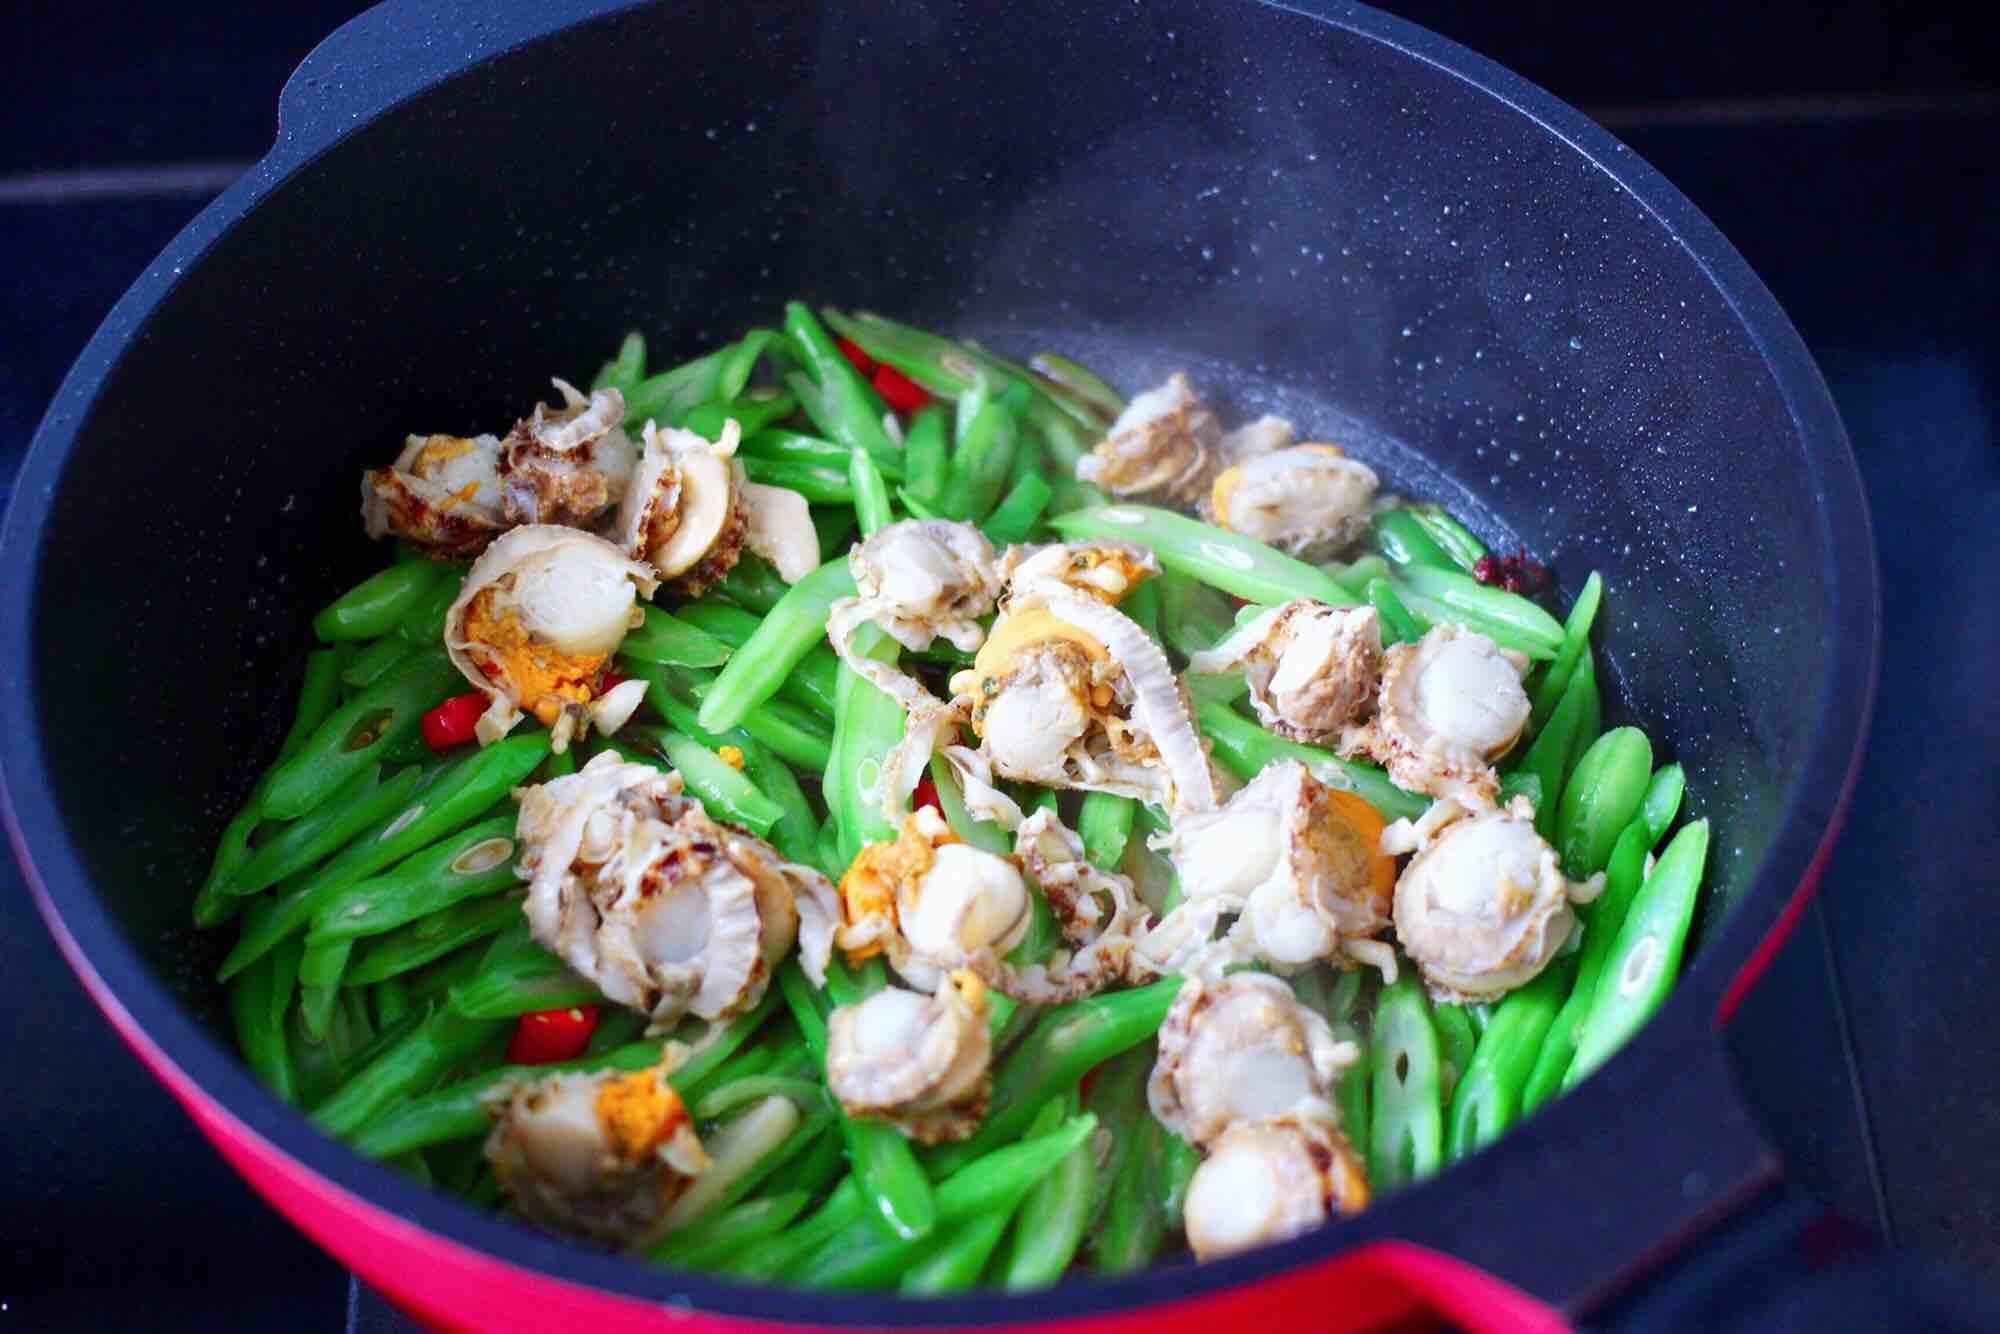 四季豆炒扇贝肉怎样煮